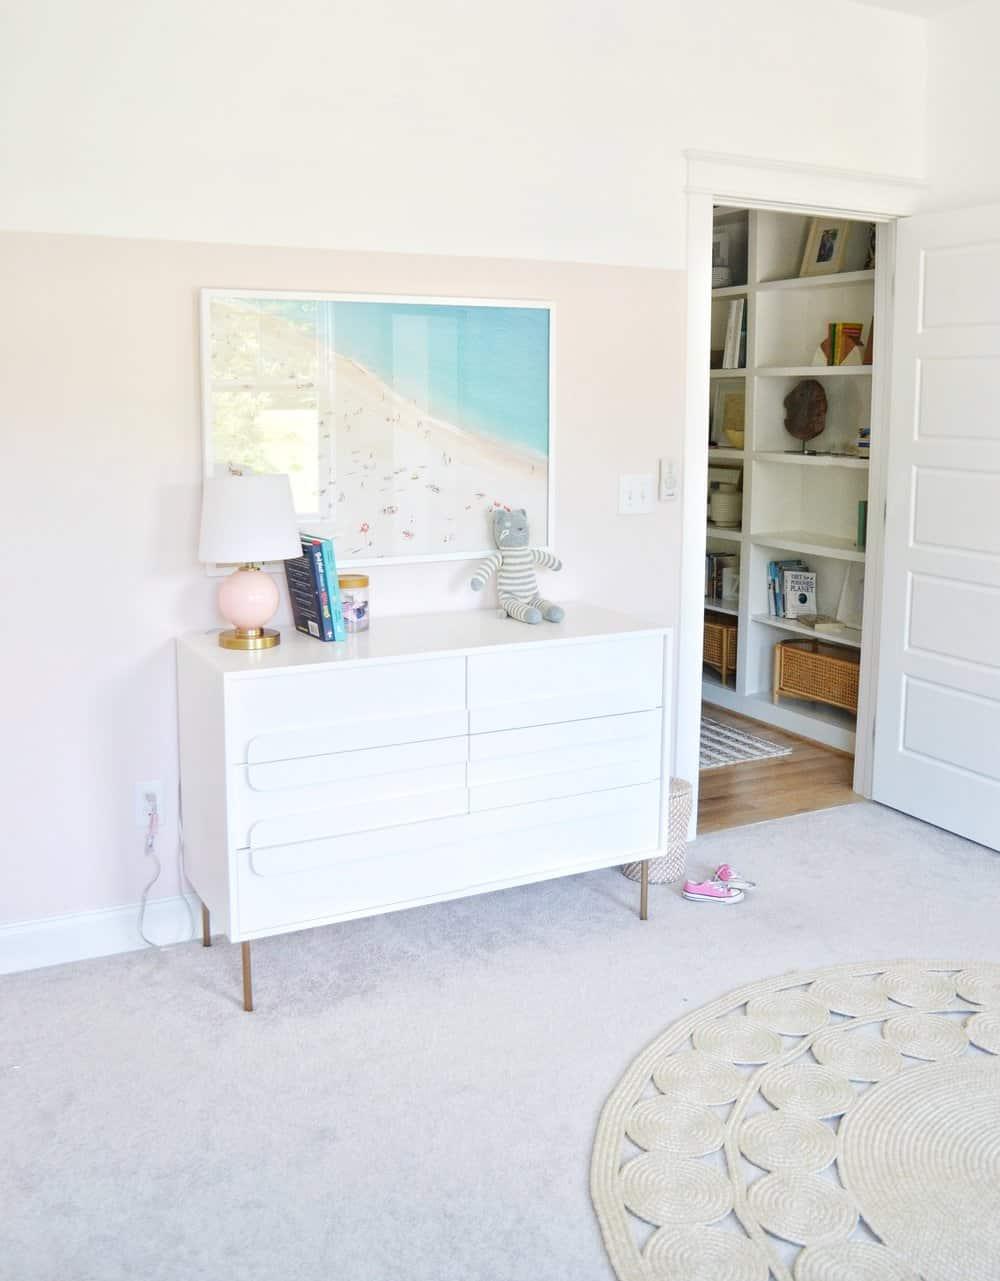 Gemini Dresser in the girls shared bedroom